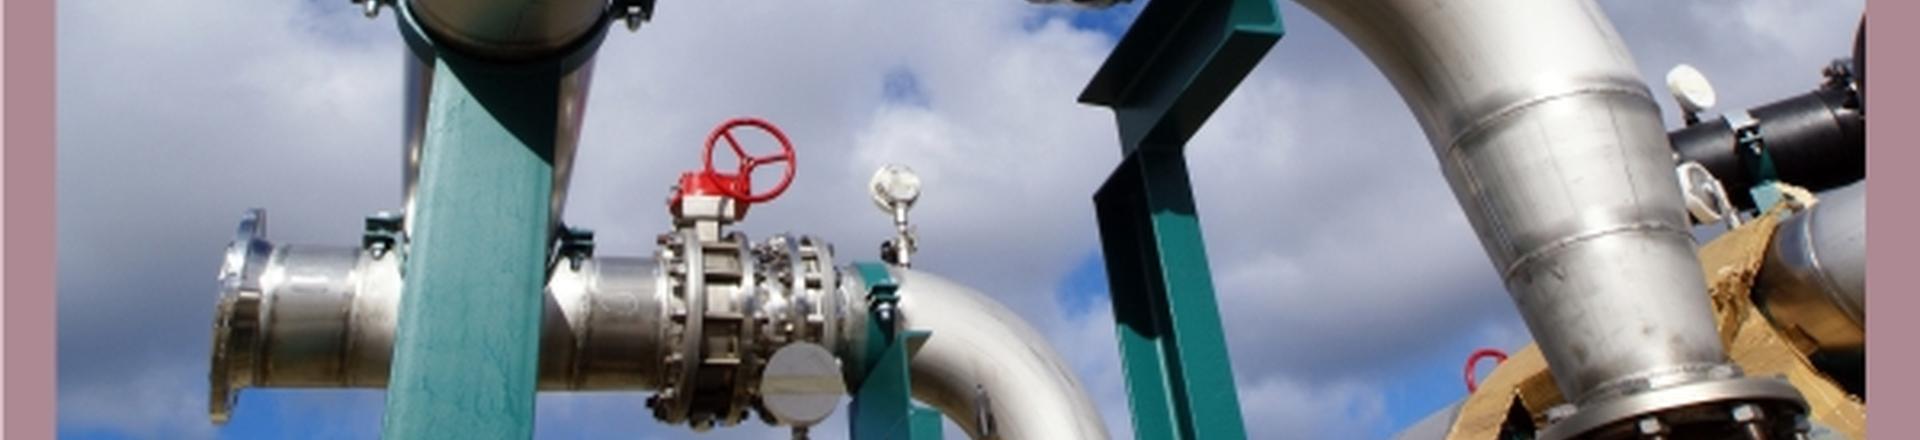 Sympozjum: Perspektywy rynku gazowego w Polsce